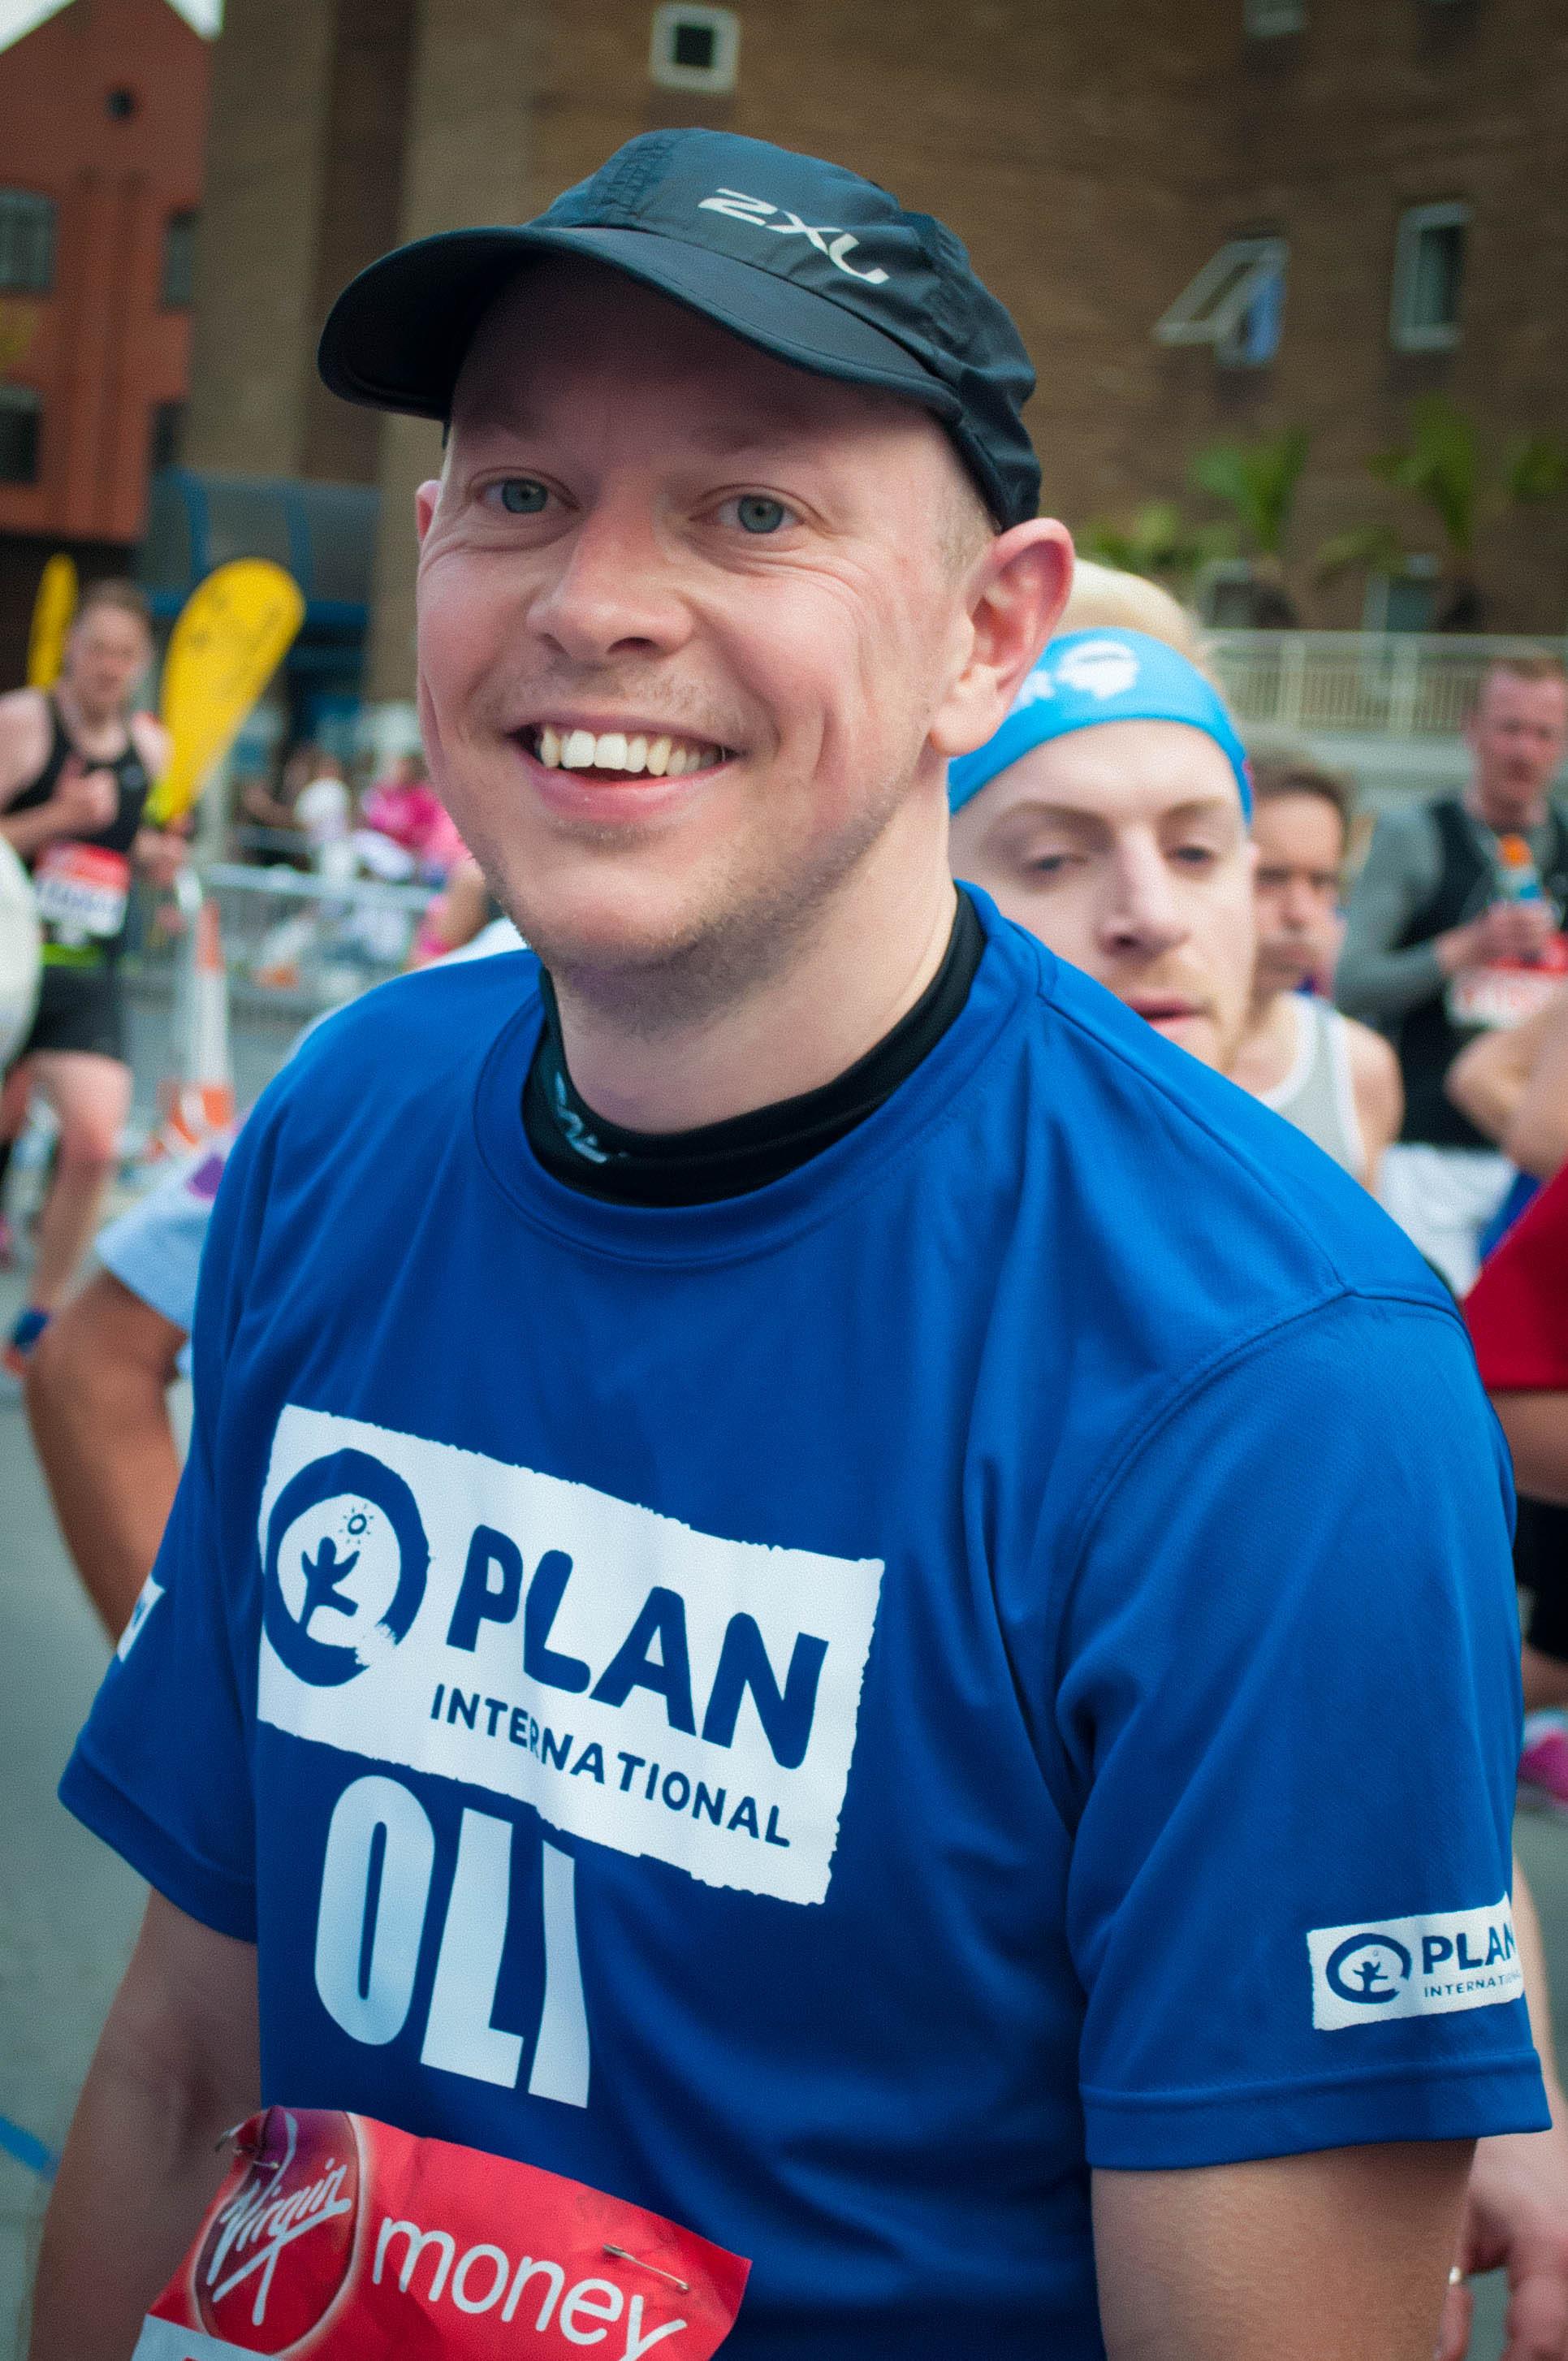 London Marathon runner Ollie raises money for Plan International UK